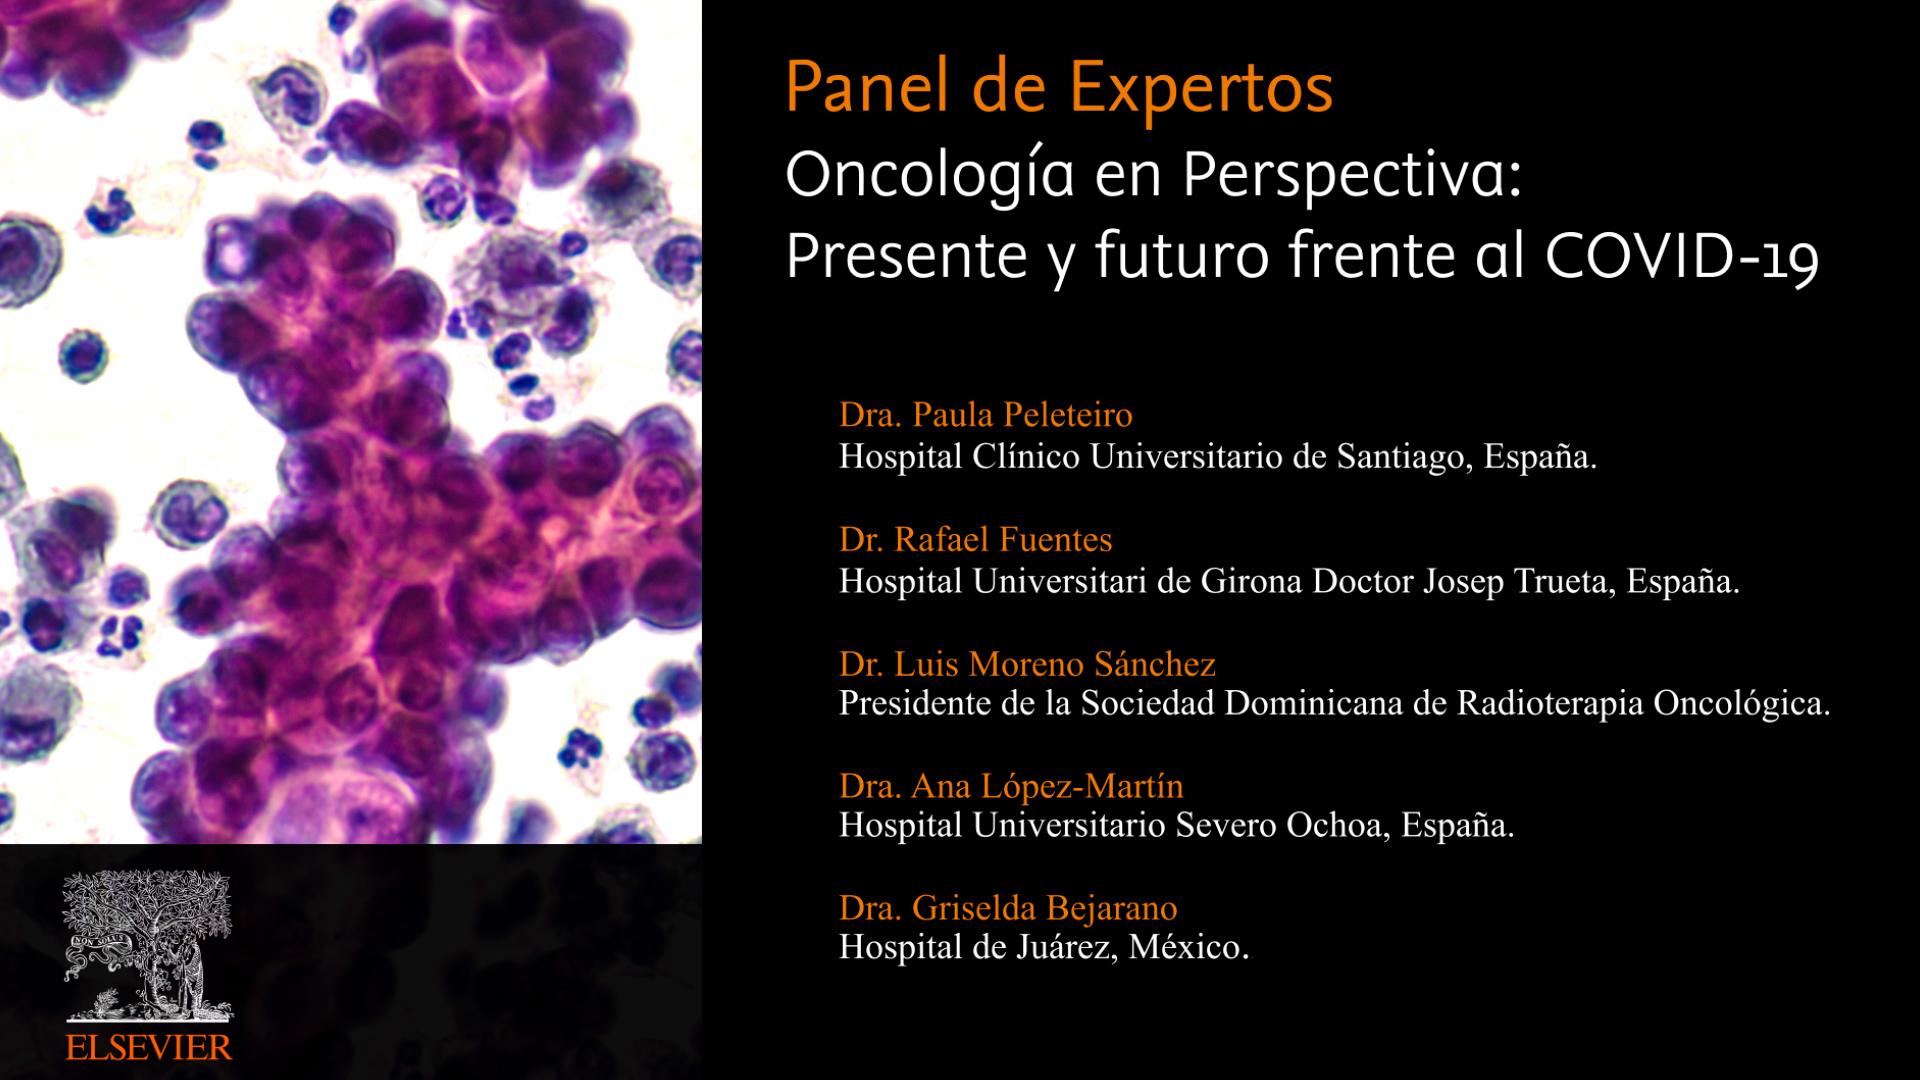 Oncología en perspectiva: presente y futuro frente a la COVID-19